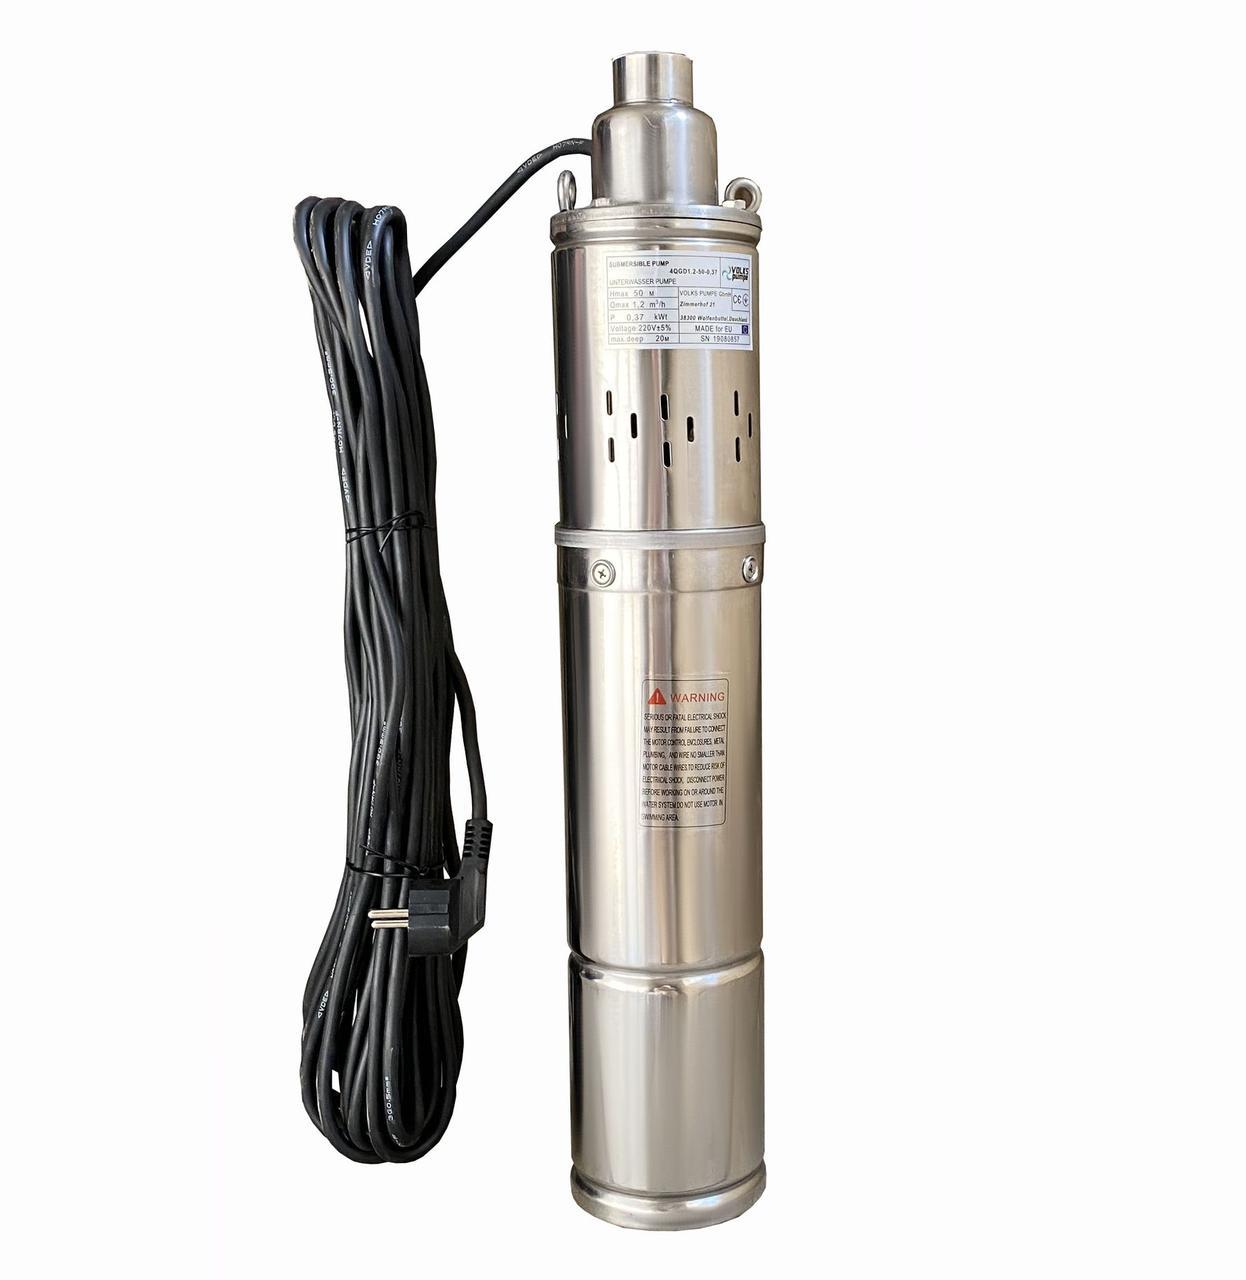 Насос скважинный шнековый Volks pumpe 4QGD 1,2-50-0,37 кВт 4 дюйма + кабель 15 м